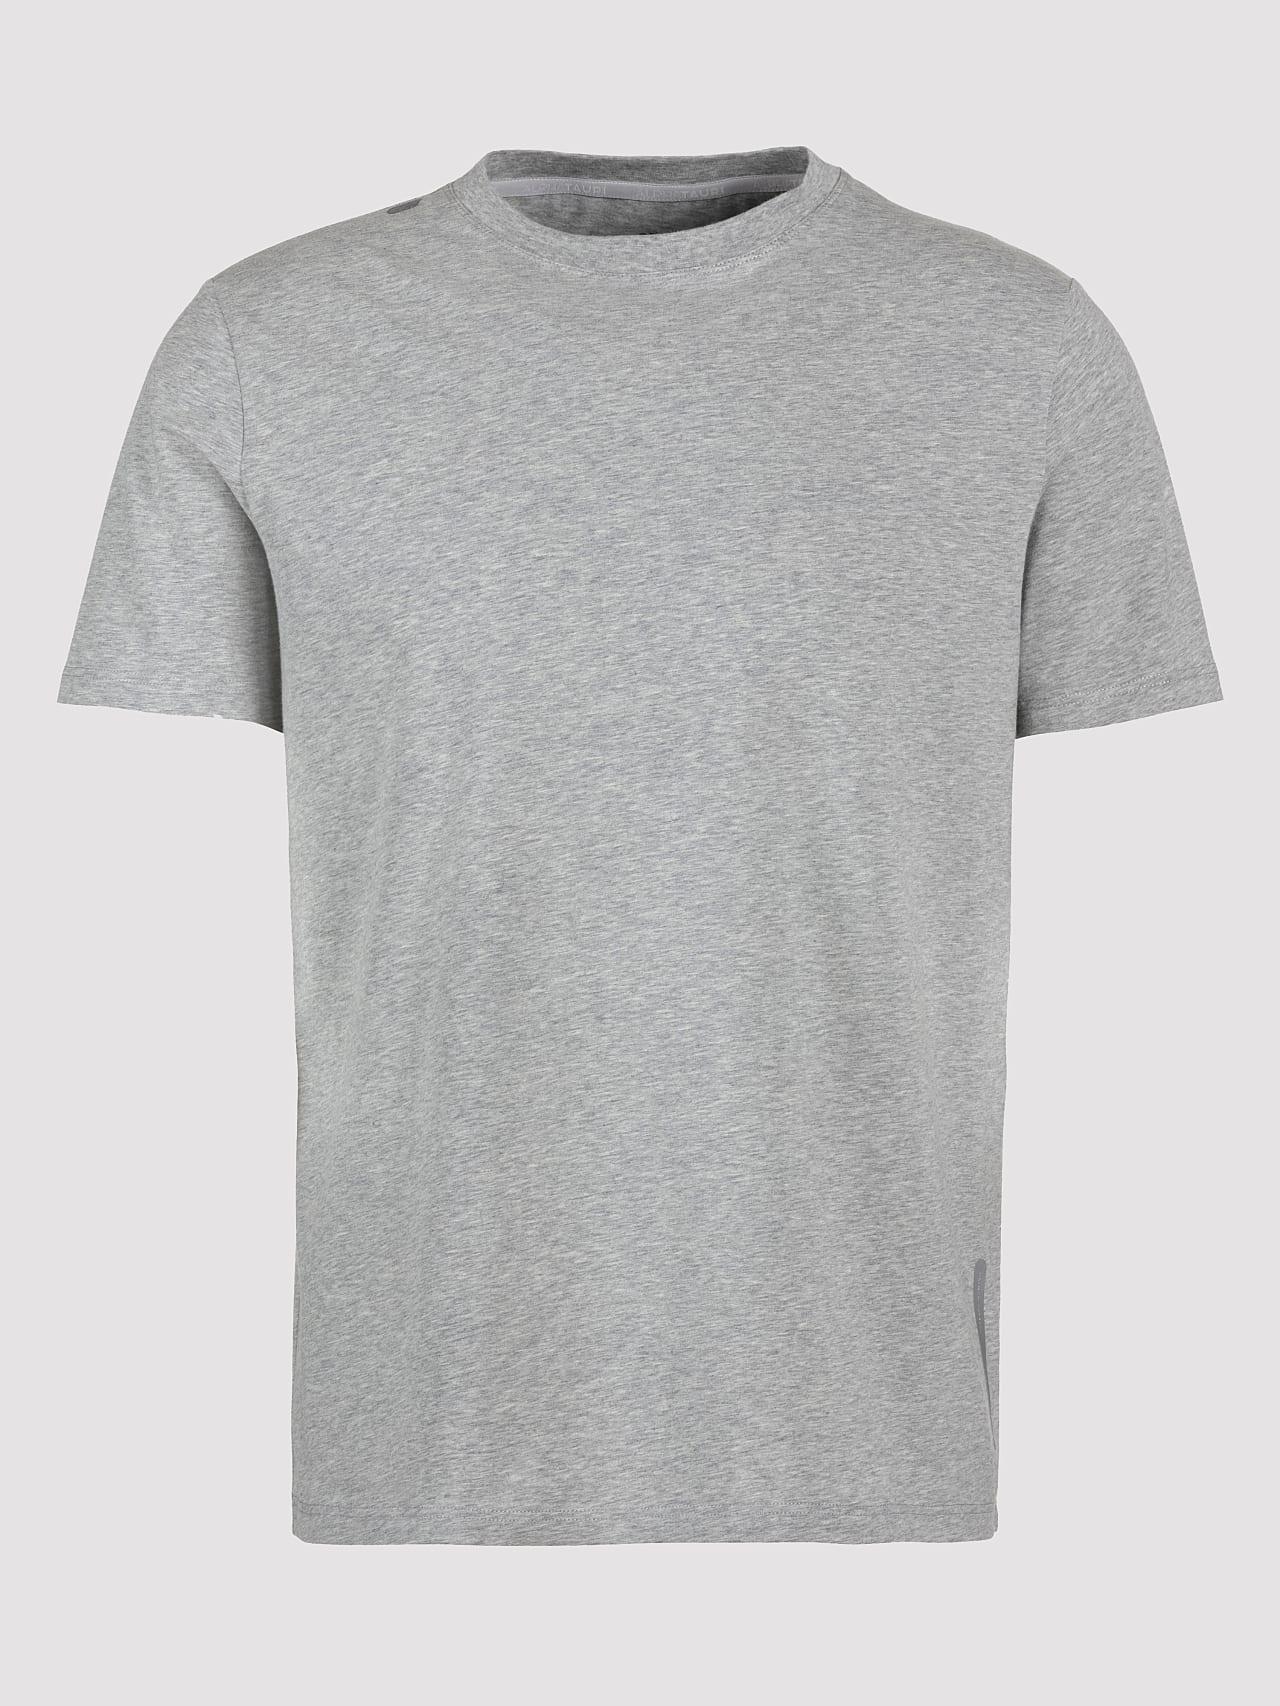 JALIP V1.Y5.01 Cotton Crew-Neck T-Shirt grey / melange Back Alpha Tauri